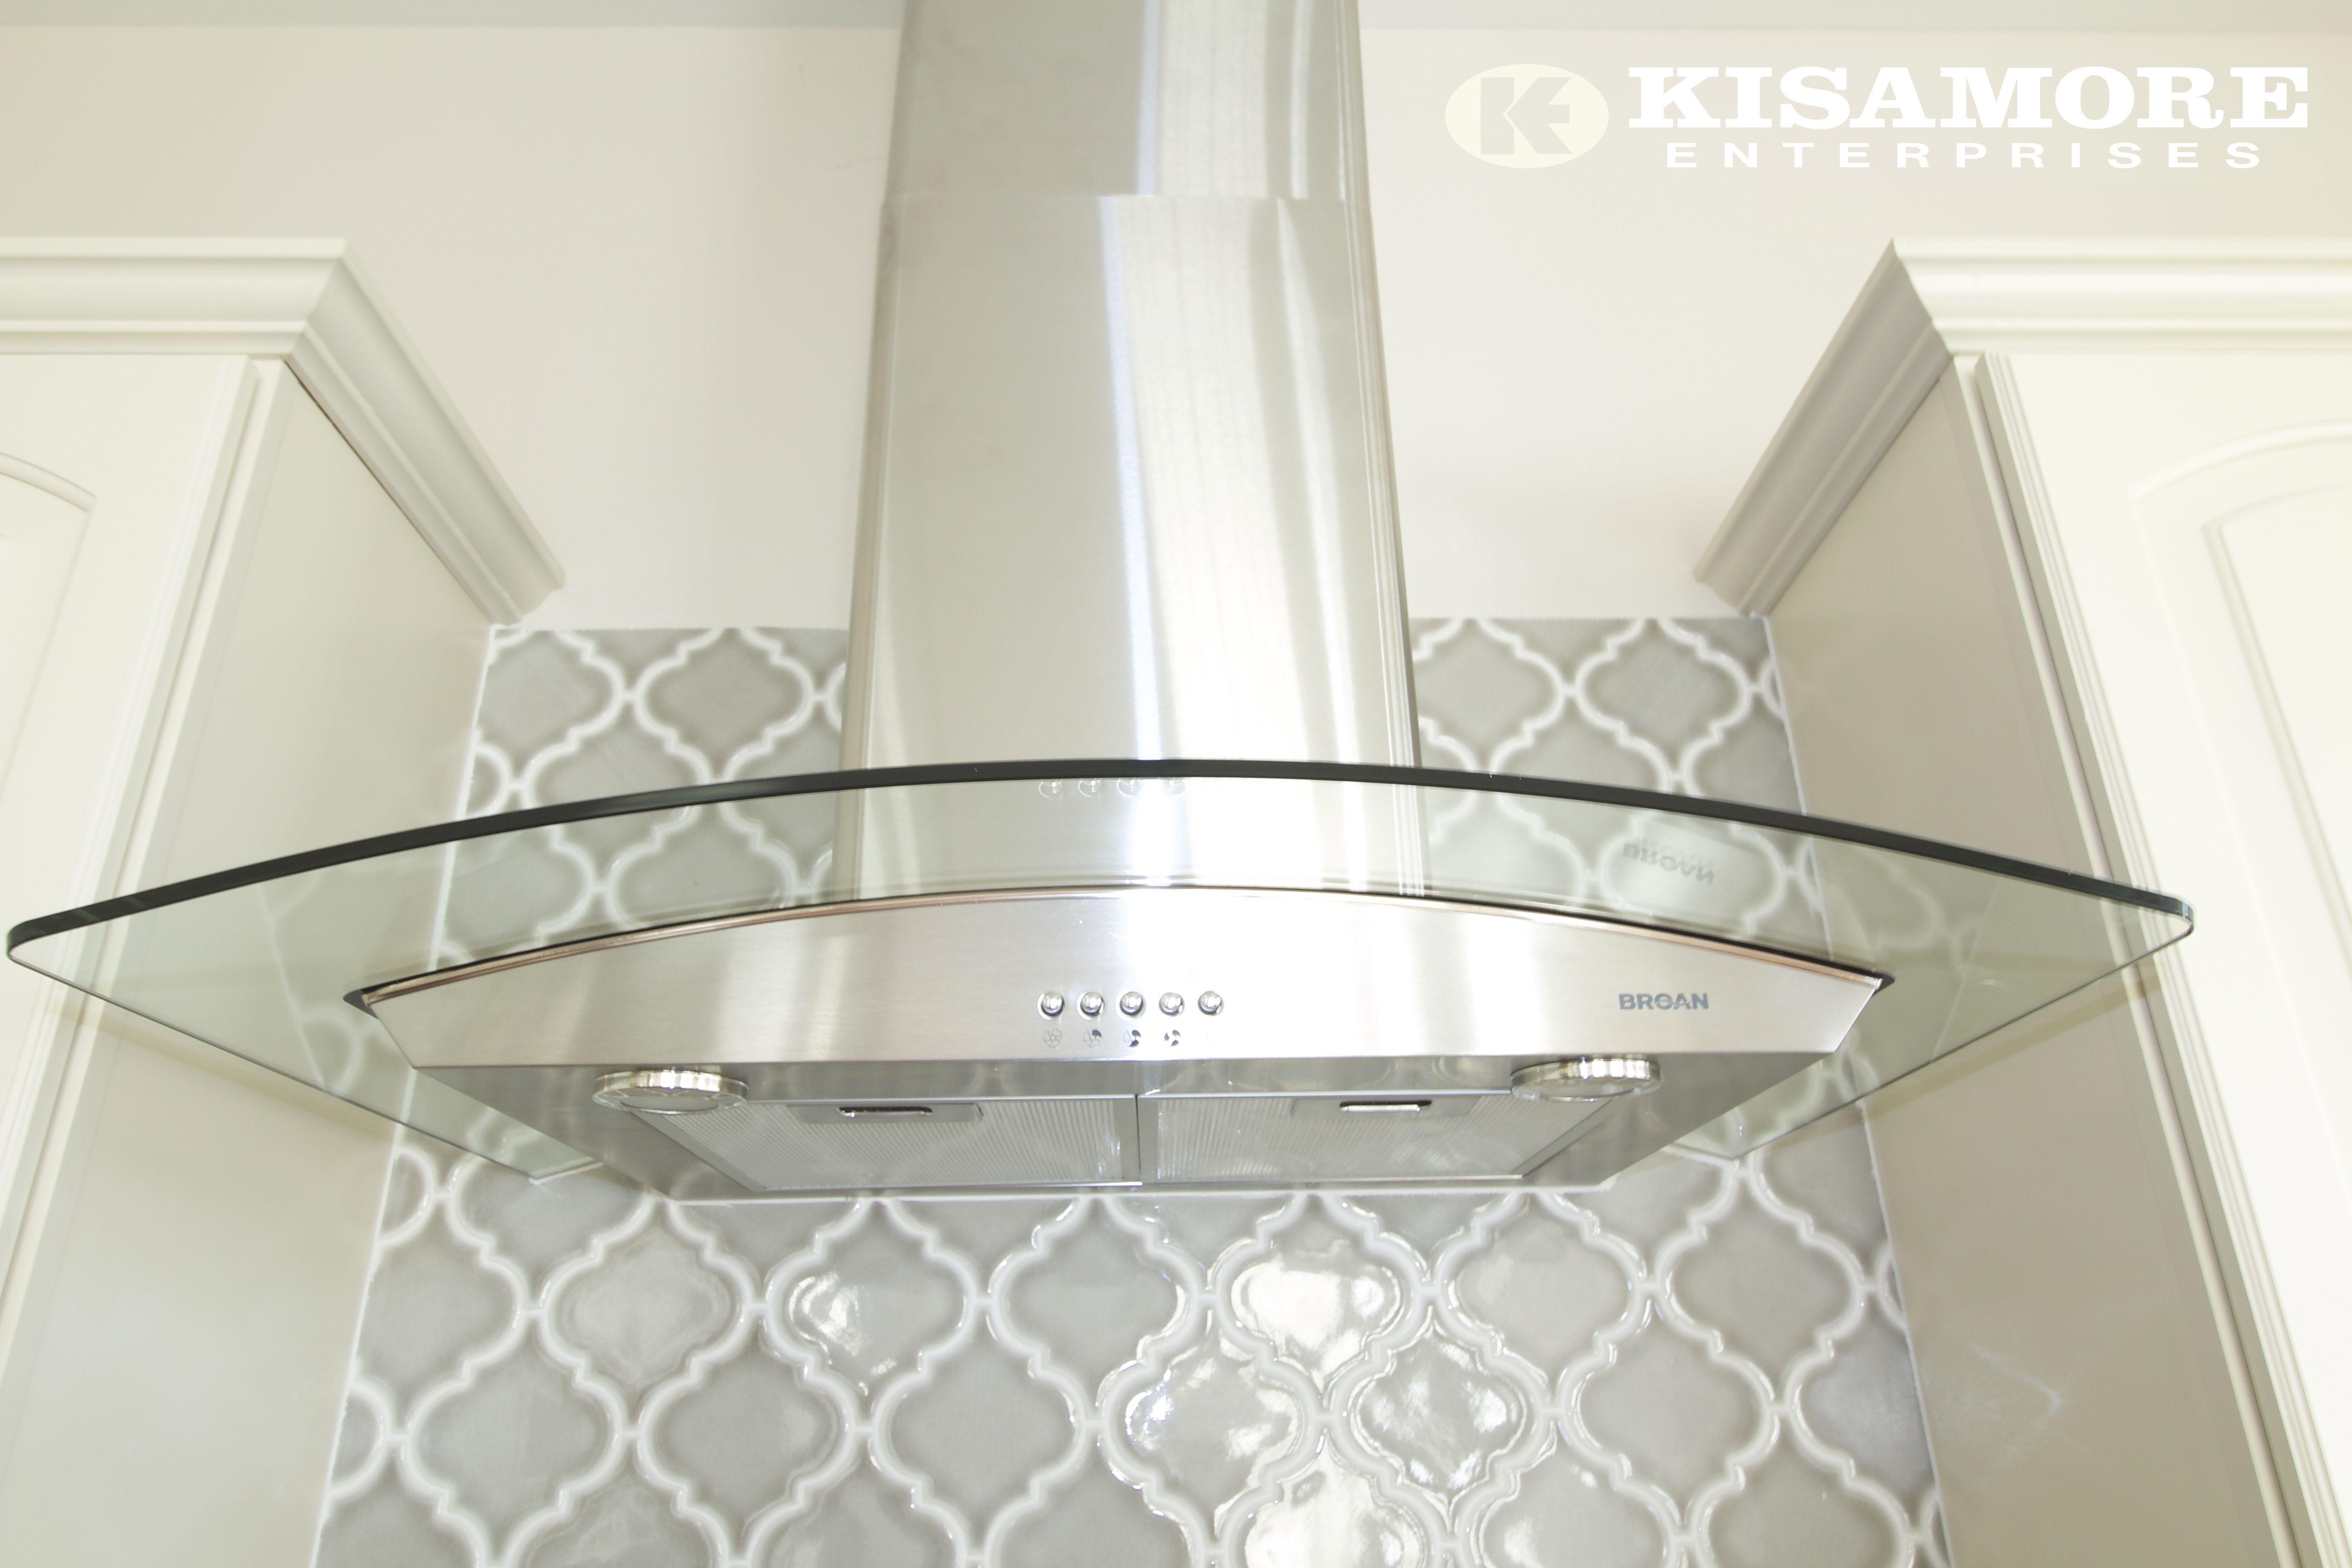 White Kitchen Gray Arabesque Backsplash Tile White Cabinets Stainless Steel Range Hood Kisamoreenterpri Glass Backsplash Backsplash Trendy Kitchen Tile